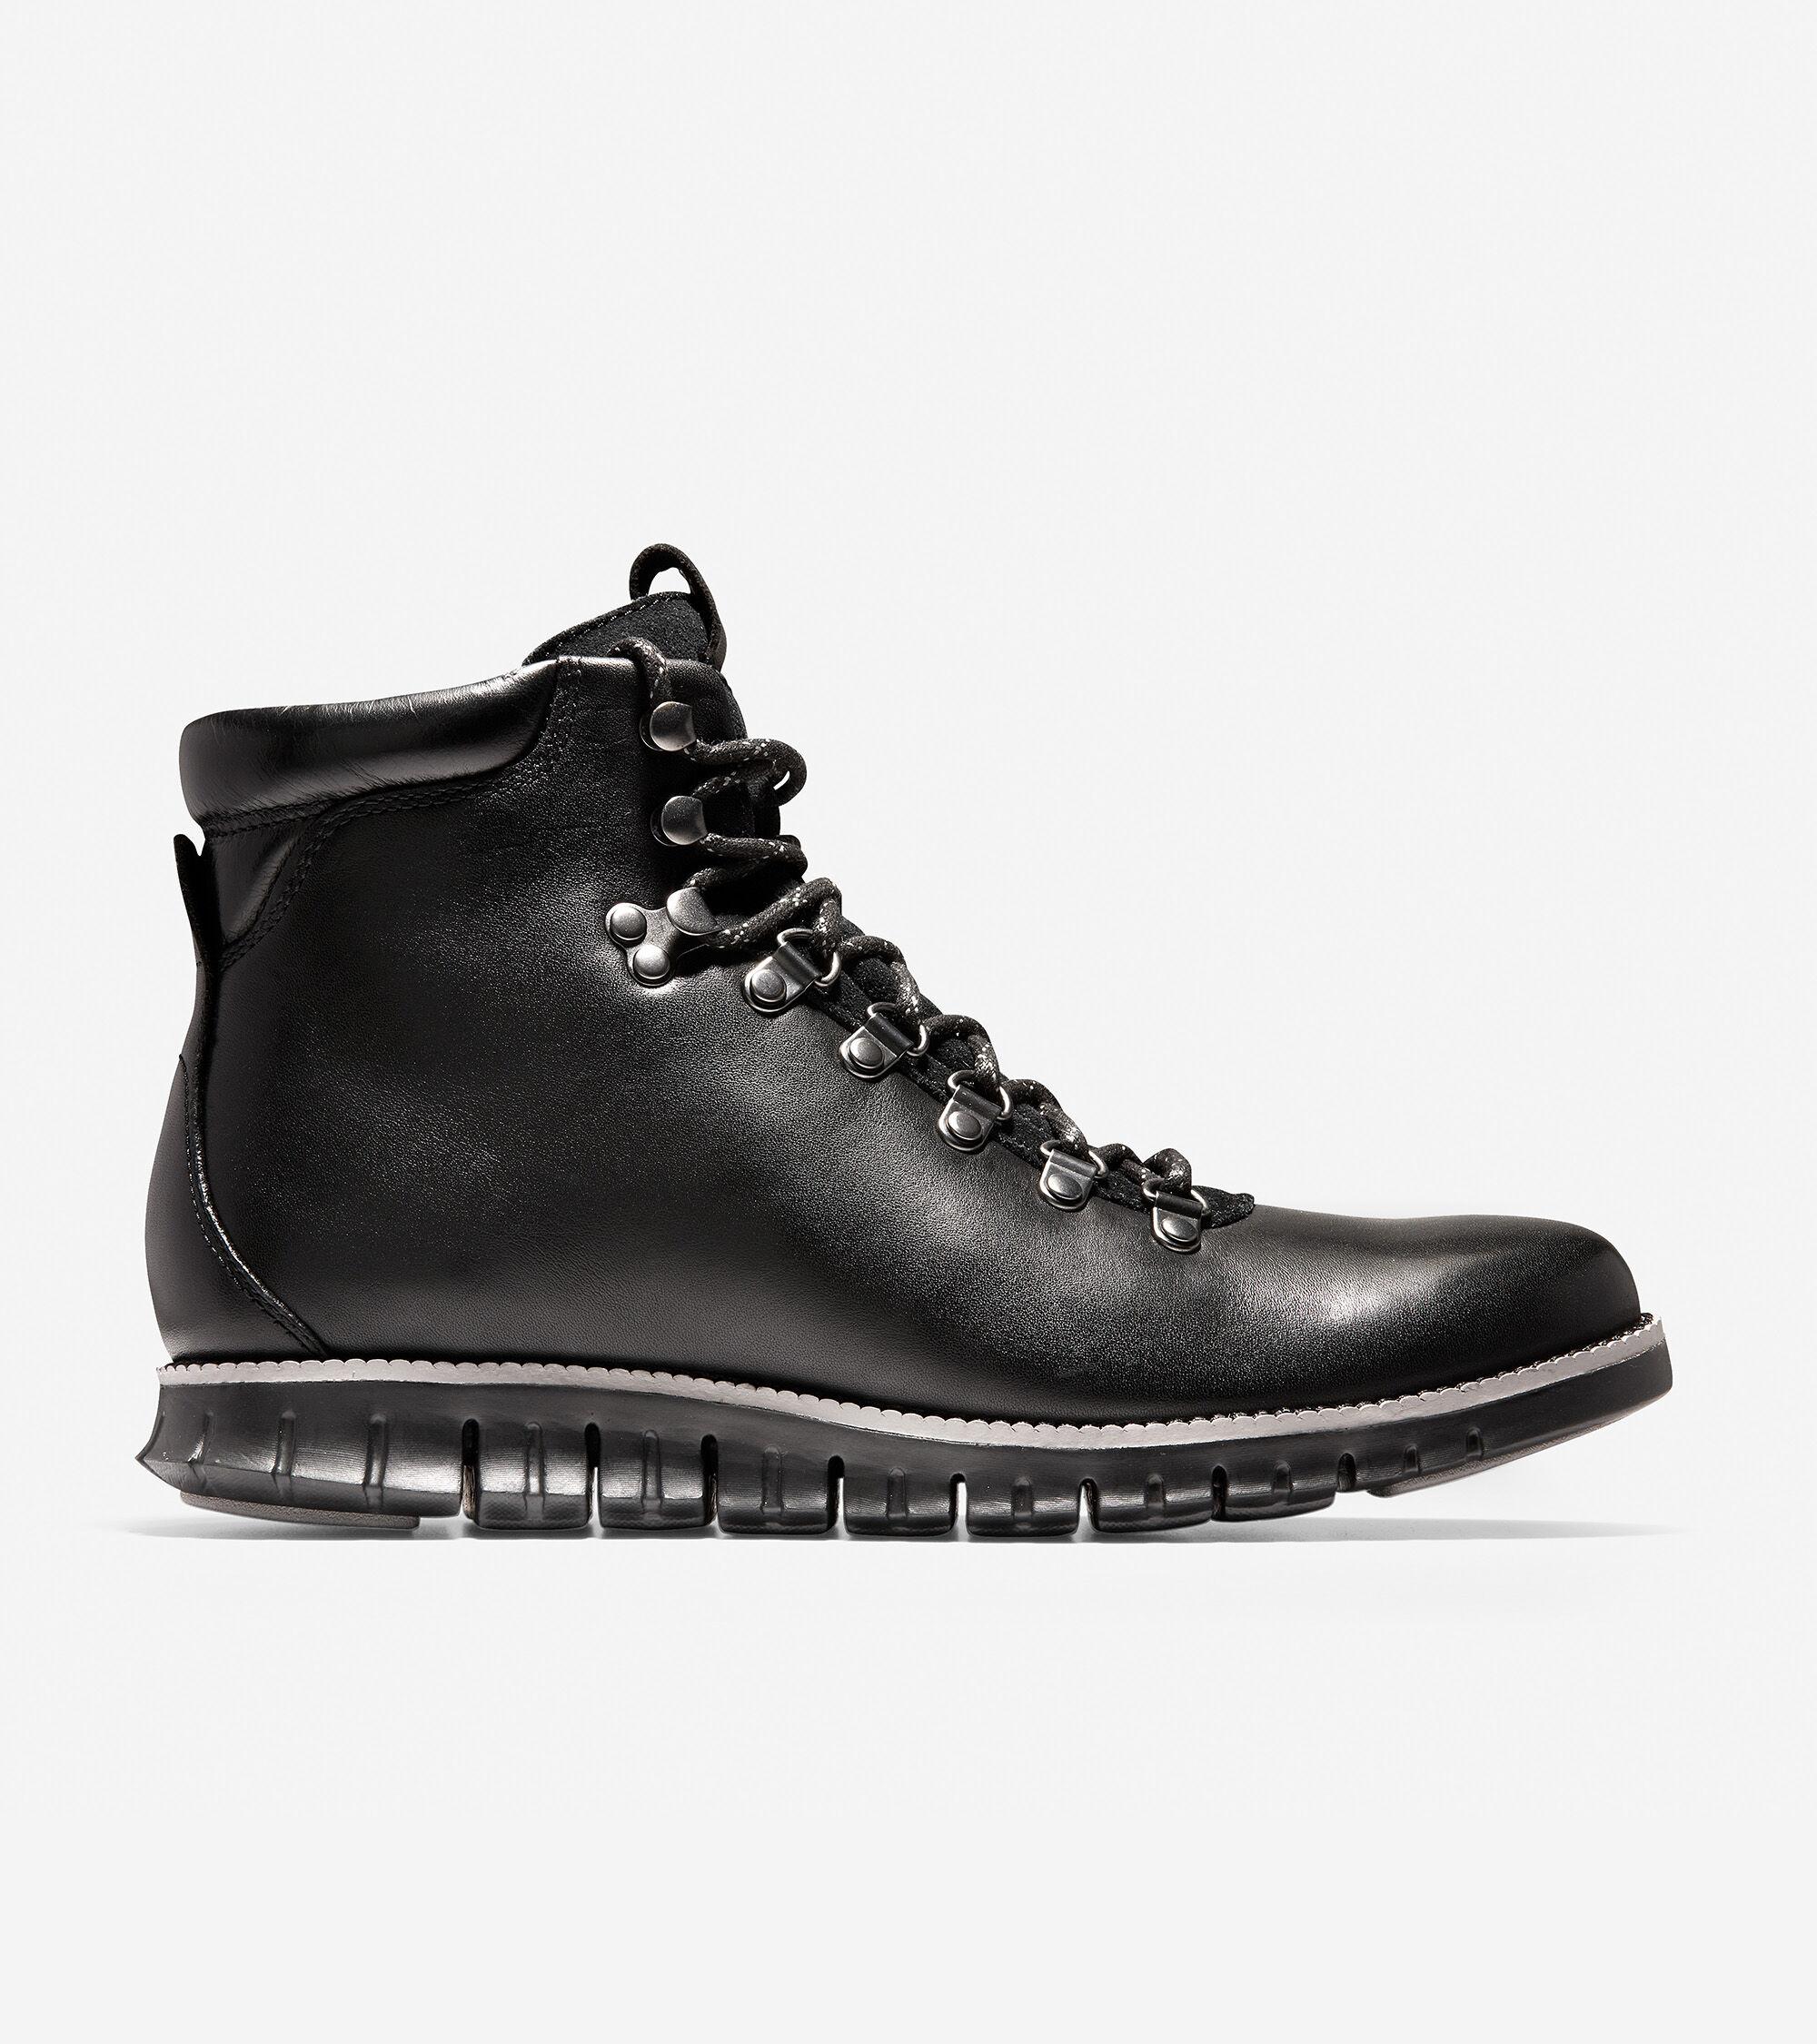 Men's ZERØGRAND Hiker Boot in Black